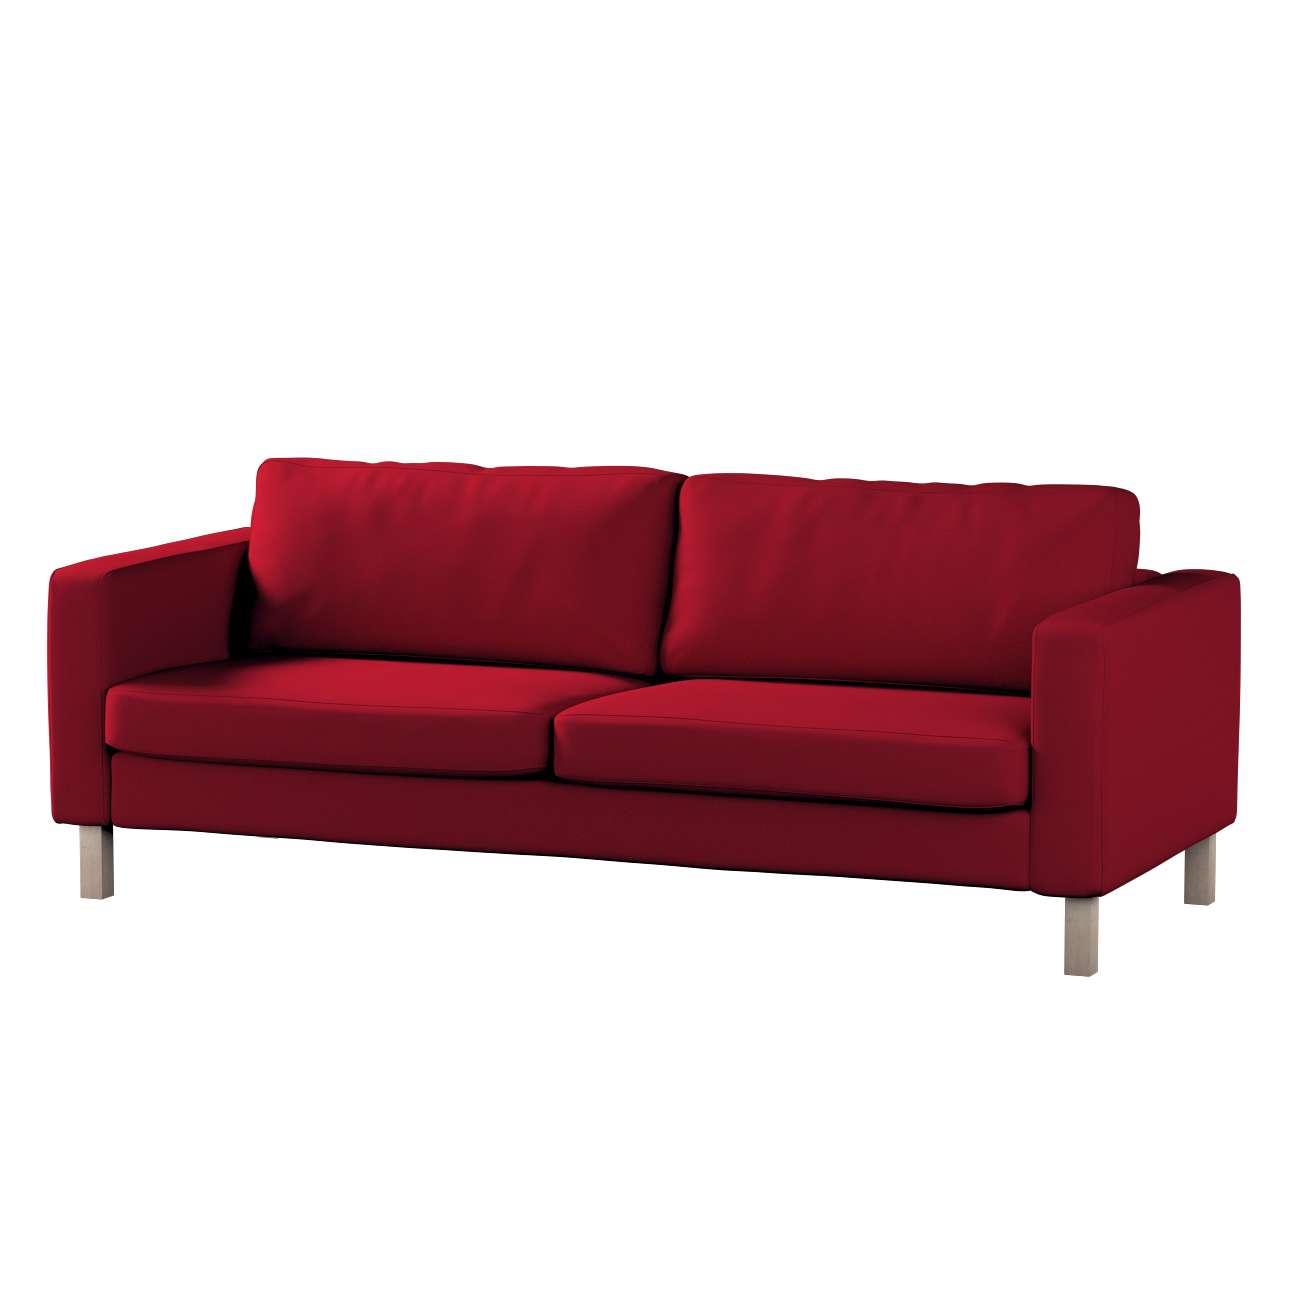 Karlstad 3-Sitzer Sofabezug nicht ausklappbar kurz Karlstad von der Kollektion Etna, Stoff: 705-60